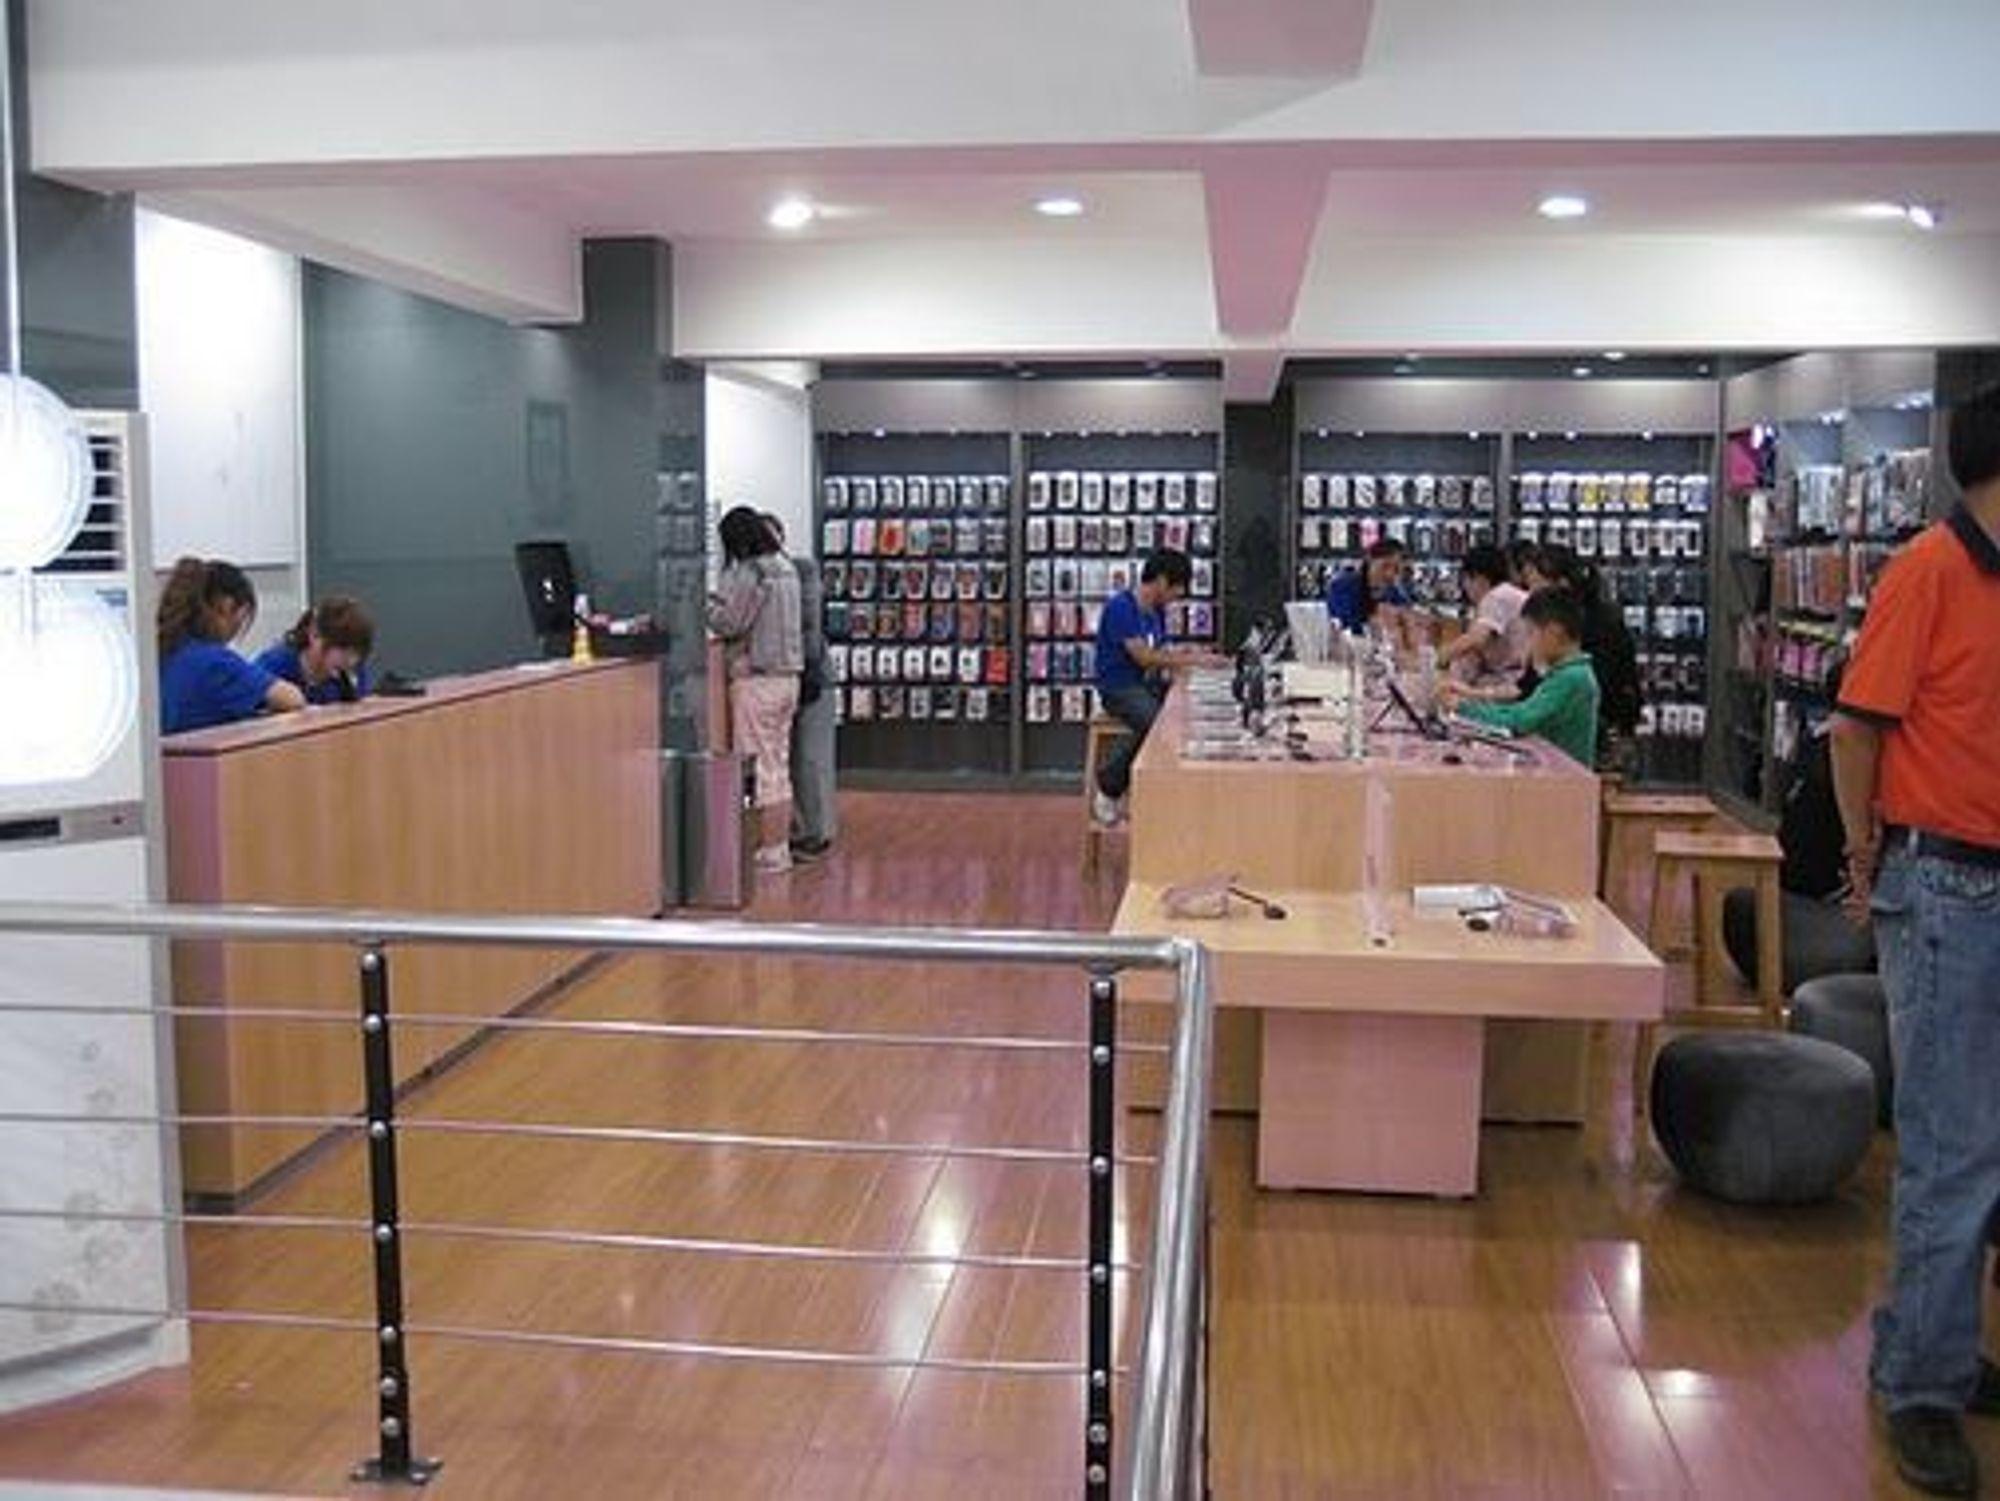 Fra Apple Store-kopien i Kunming. (Bilde gjengitt med tillatelse)